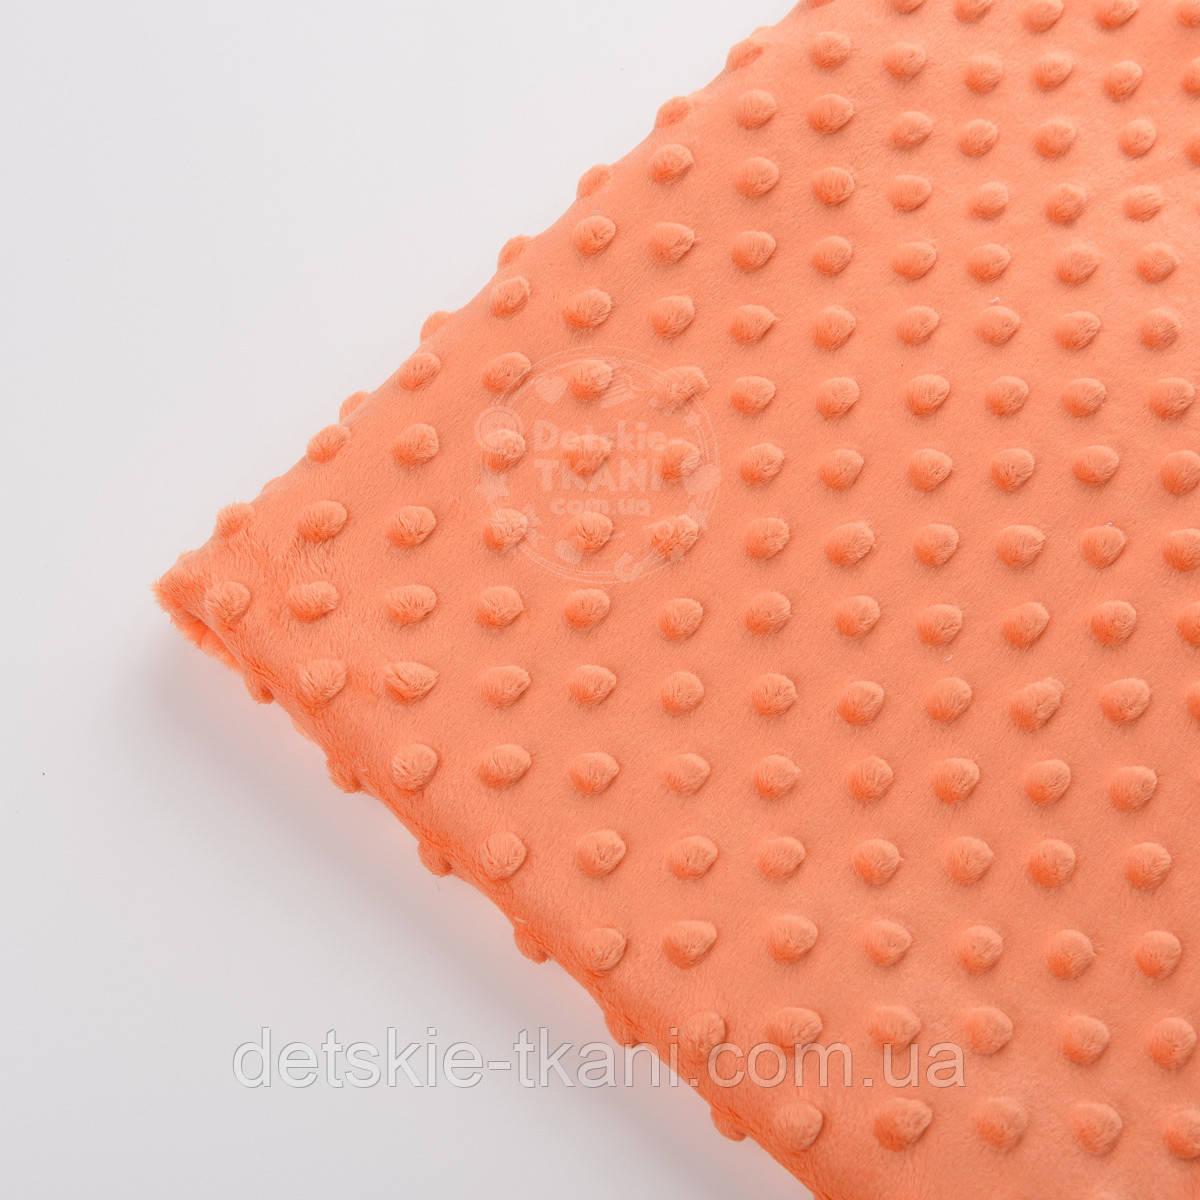 Отрез плюш minky М-32 морковного цвета 40*40 см